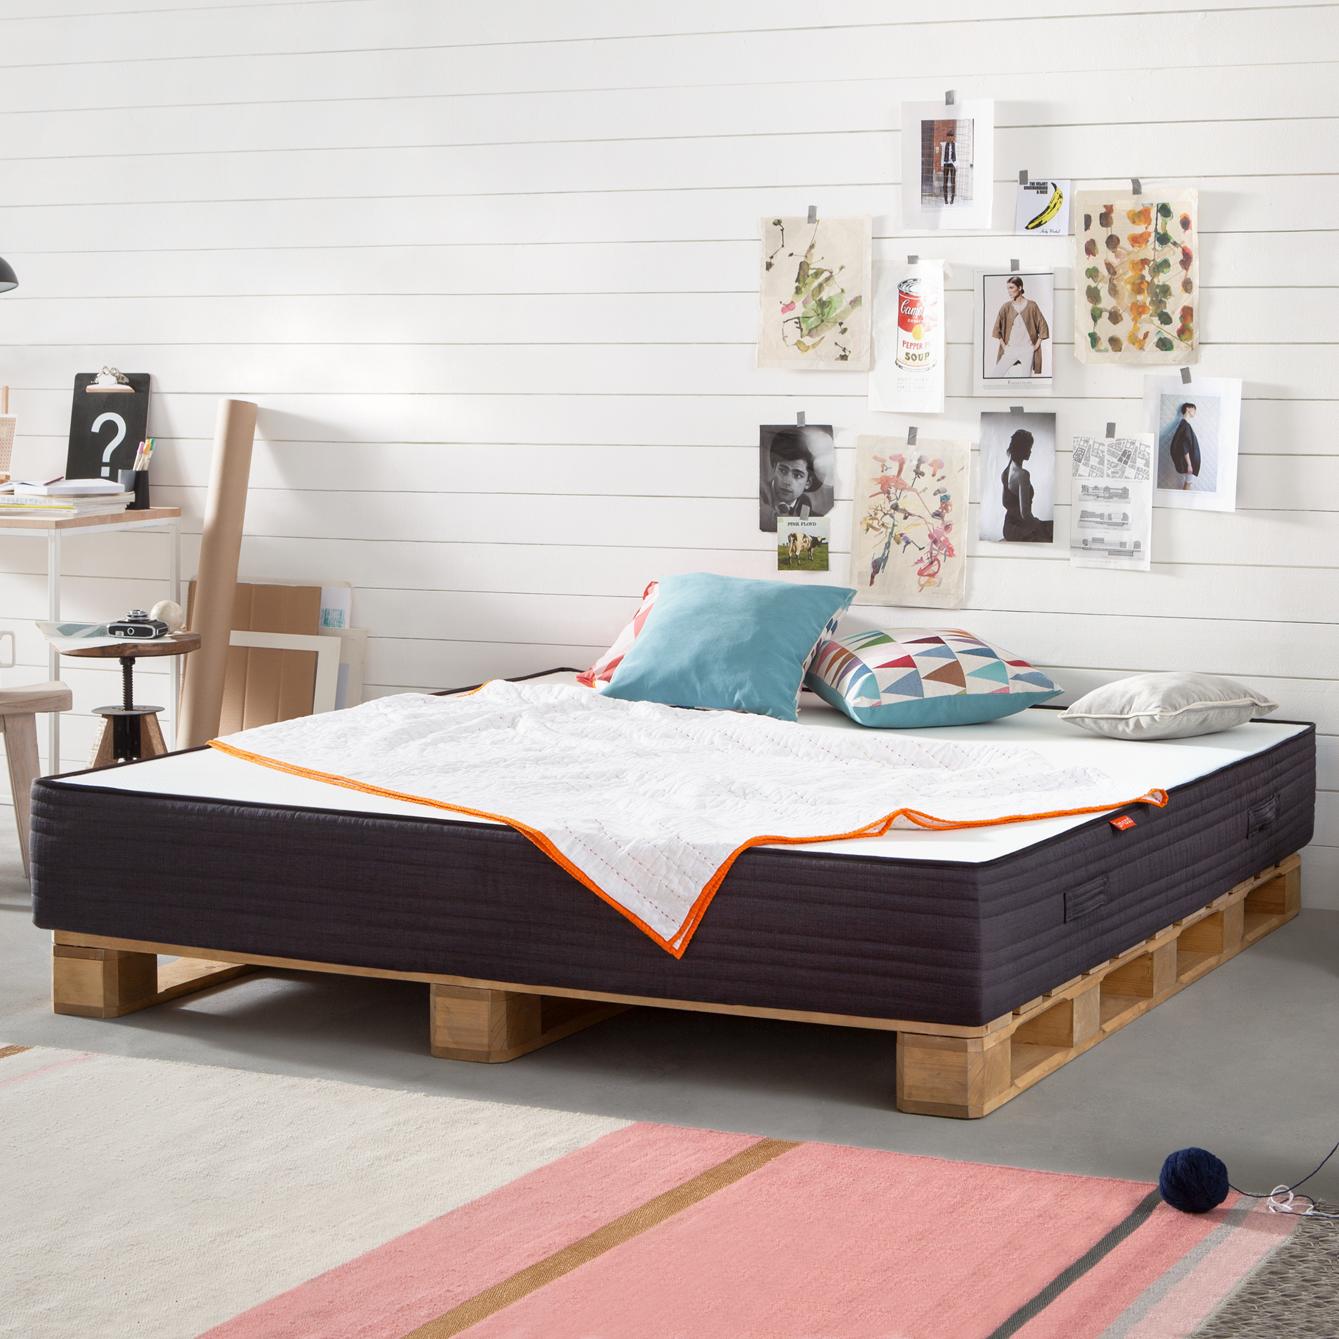 muebles de palets decorados con encanto, precioso dormitorio decorado con muchos elementos decorativos, cama de palets DIY